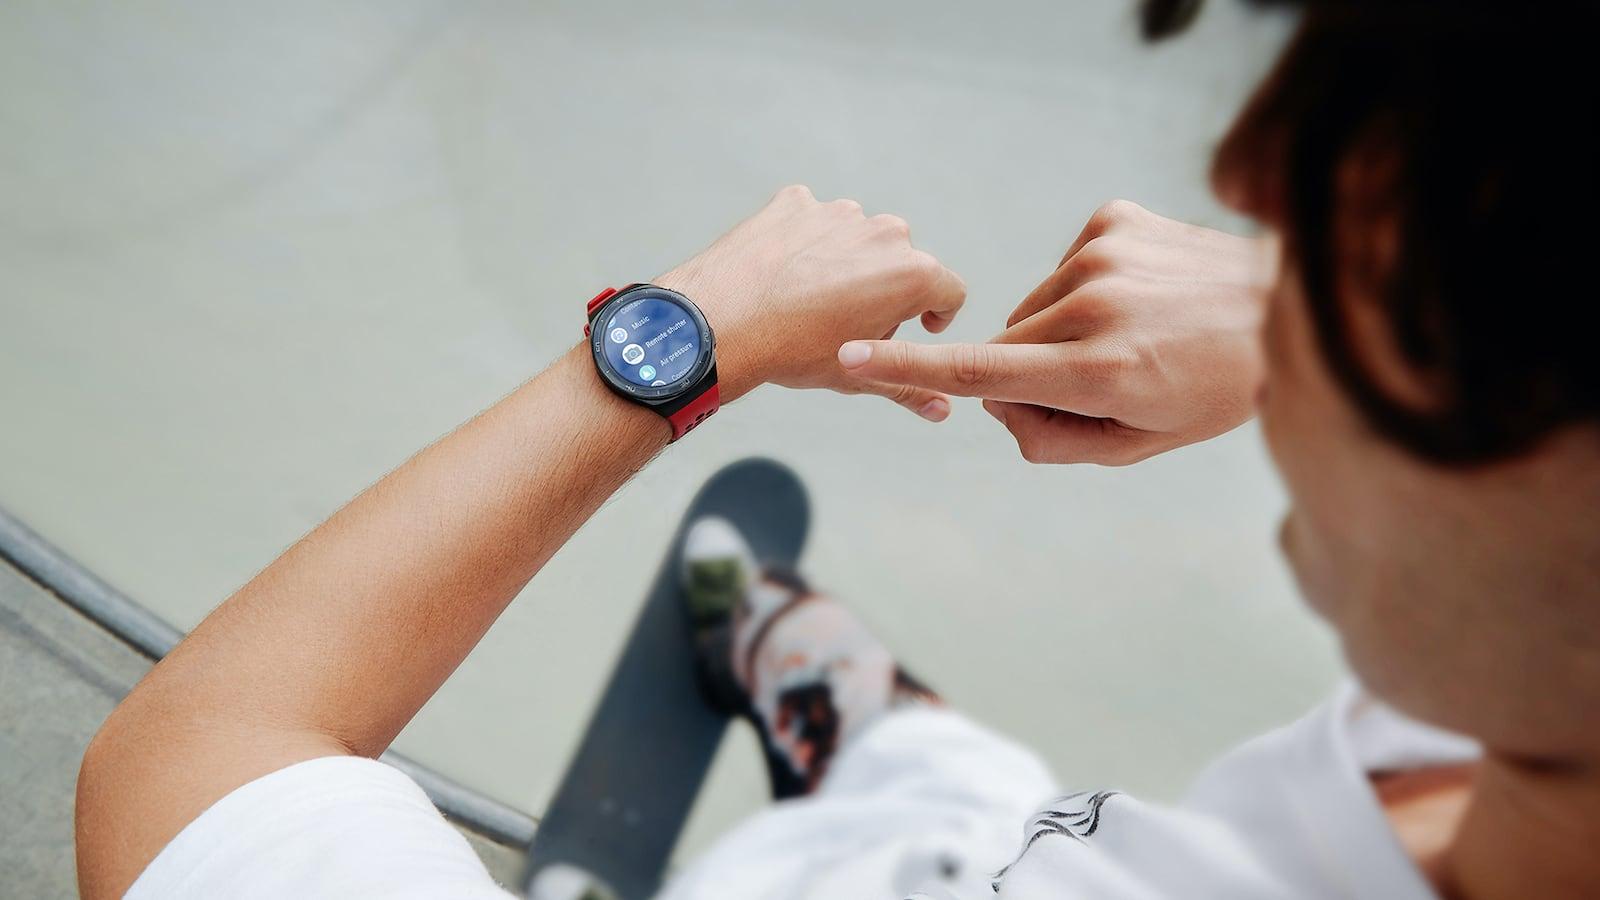 HUAWEI WATCH GT 2e Stainless Steel Smartwatch